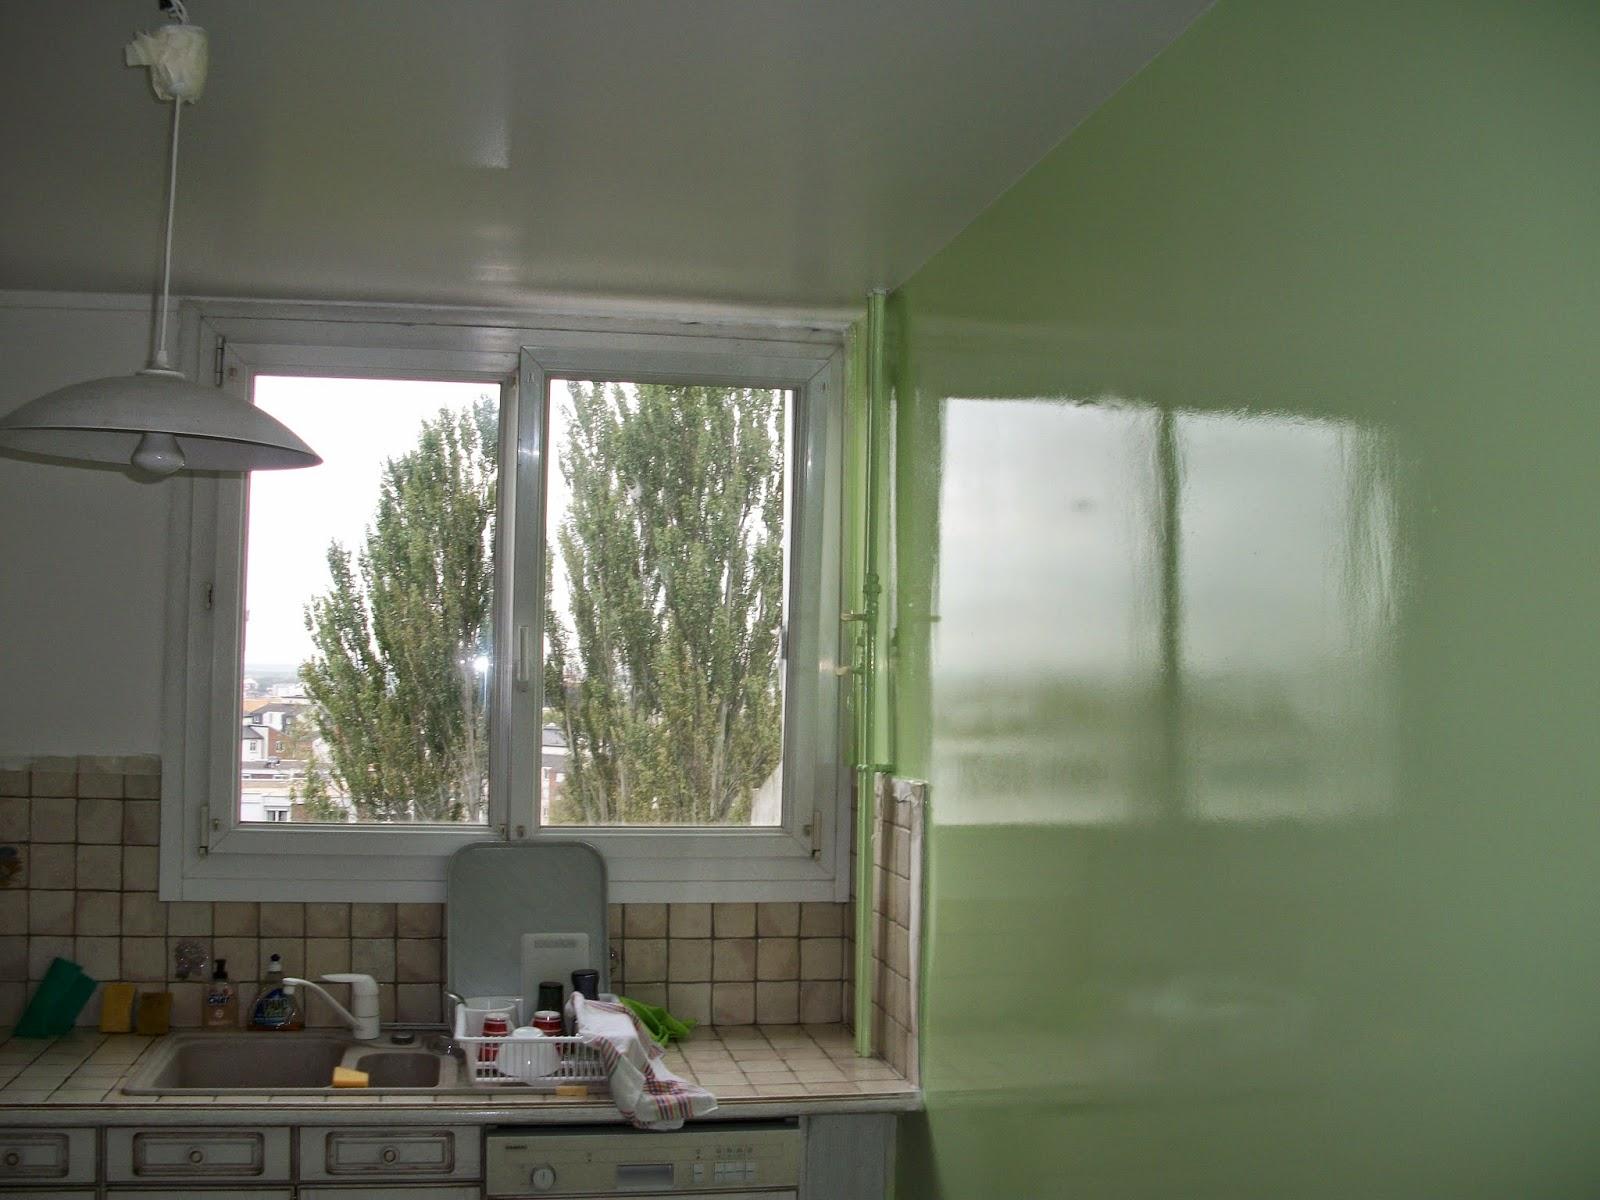 entreprise peinture pas cher paris travaux peinture pas cher paris artisan peintre en. Black Bedroom Furniture Sets. Home Design Ideas